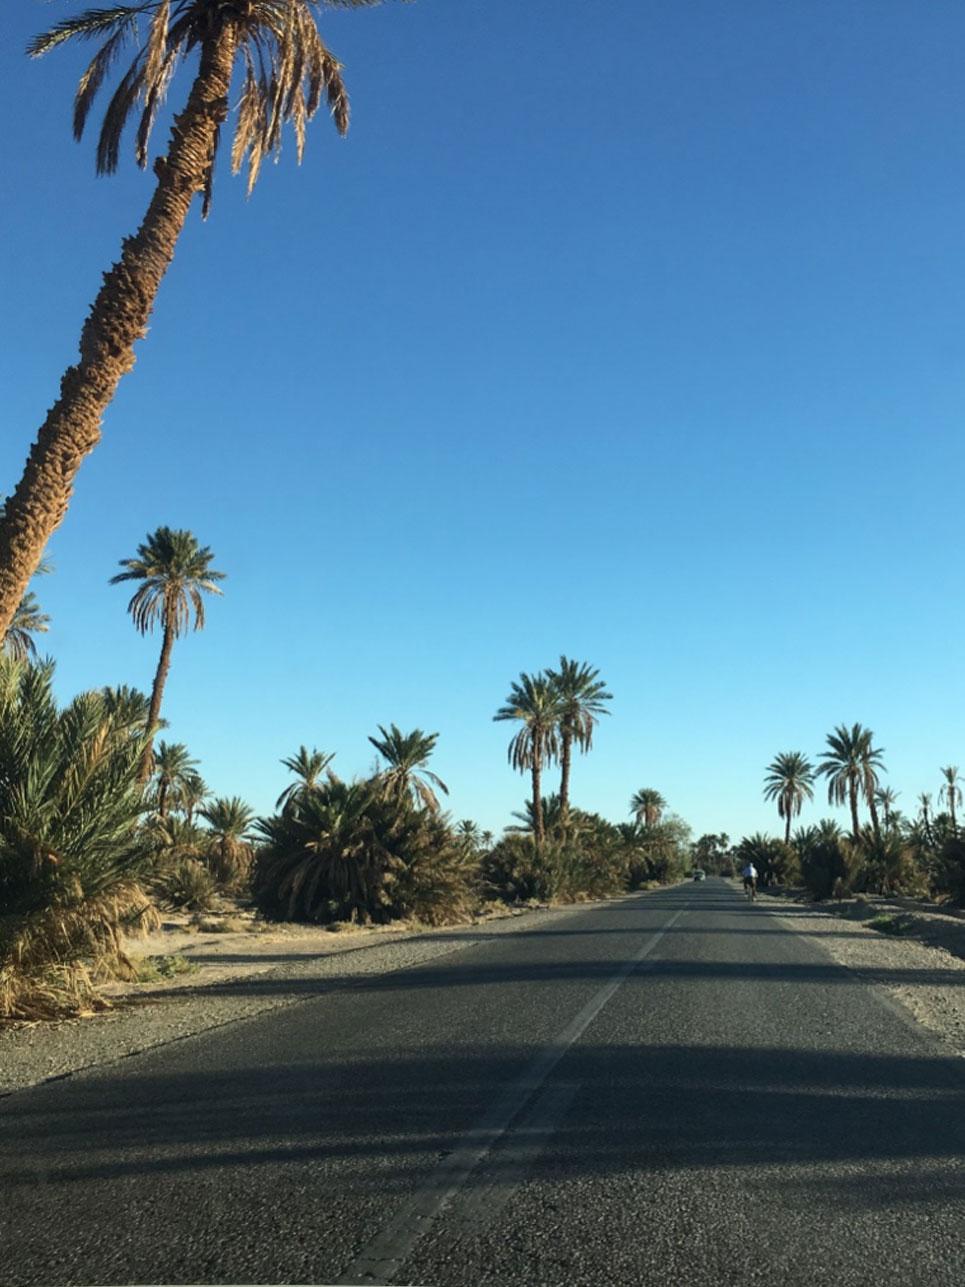 Erkenntnis des Tages: 6 Stunden für eine Strecke laut Google Maps sind in Marokko in der Realität selten 6 Stunden